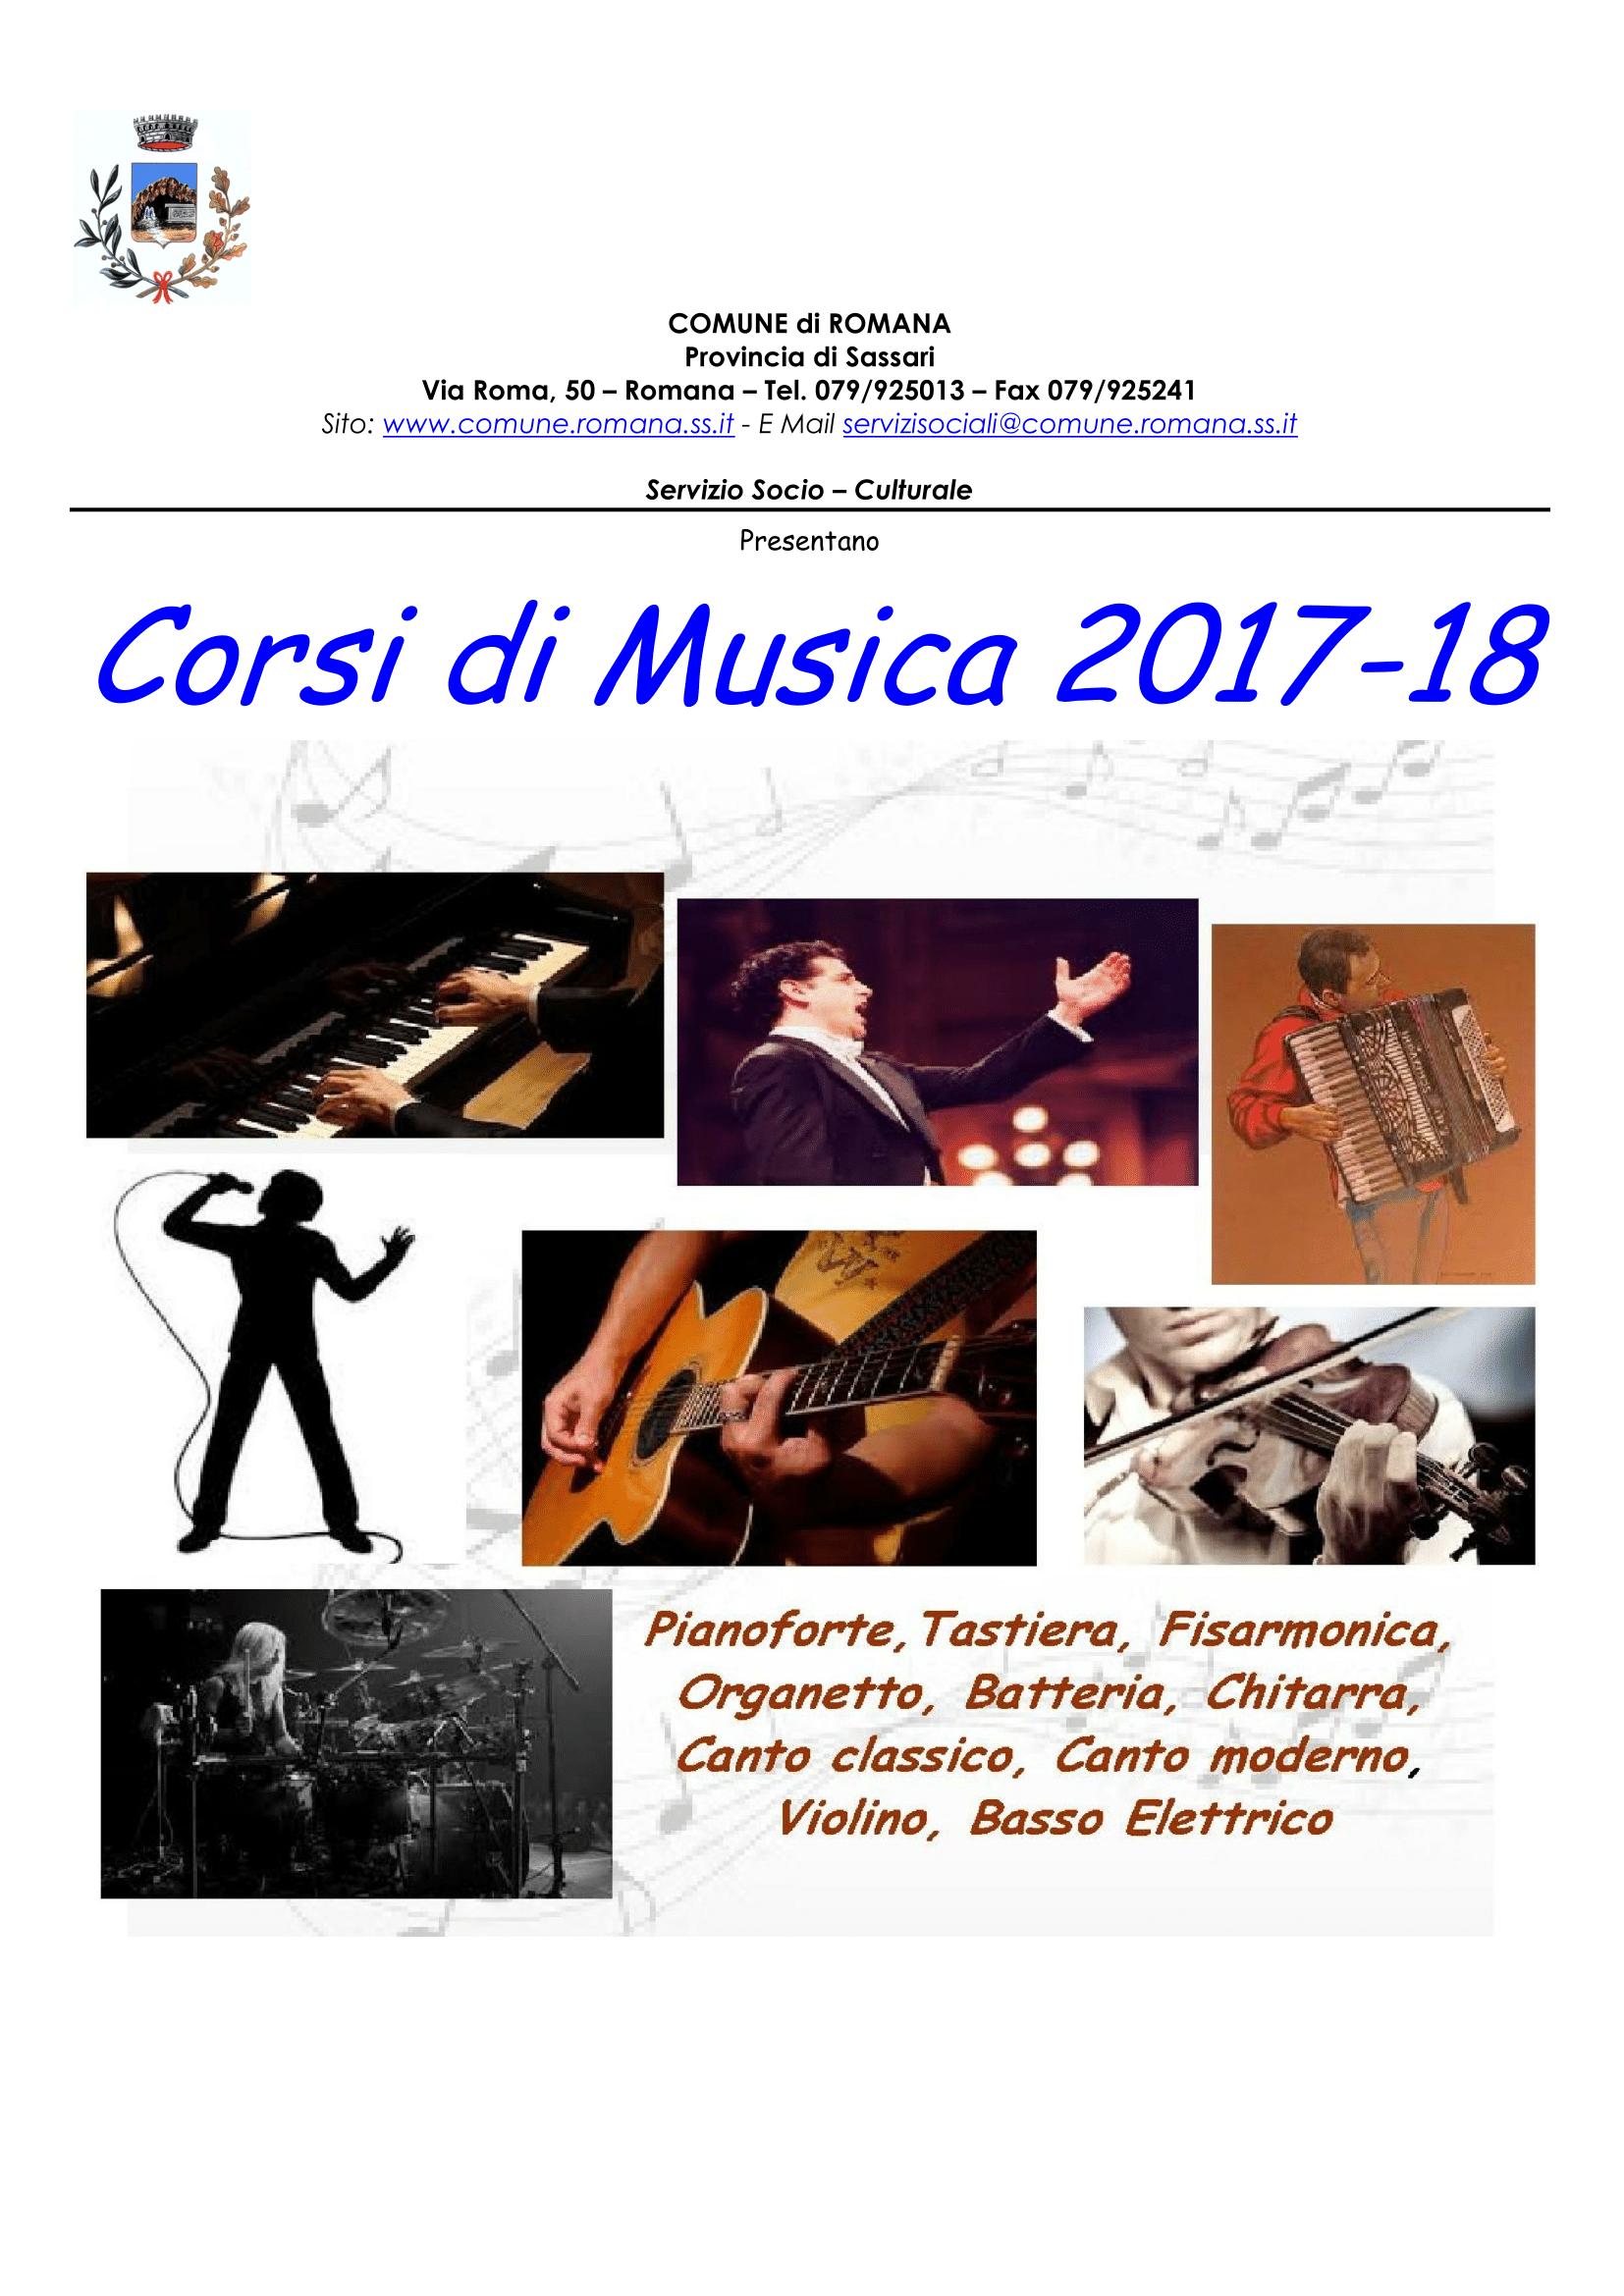 CORSI DI MUSICA 2017